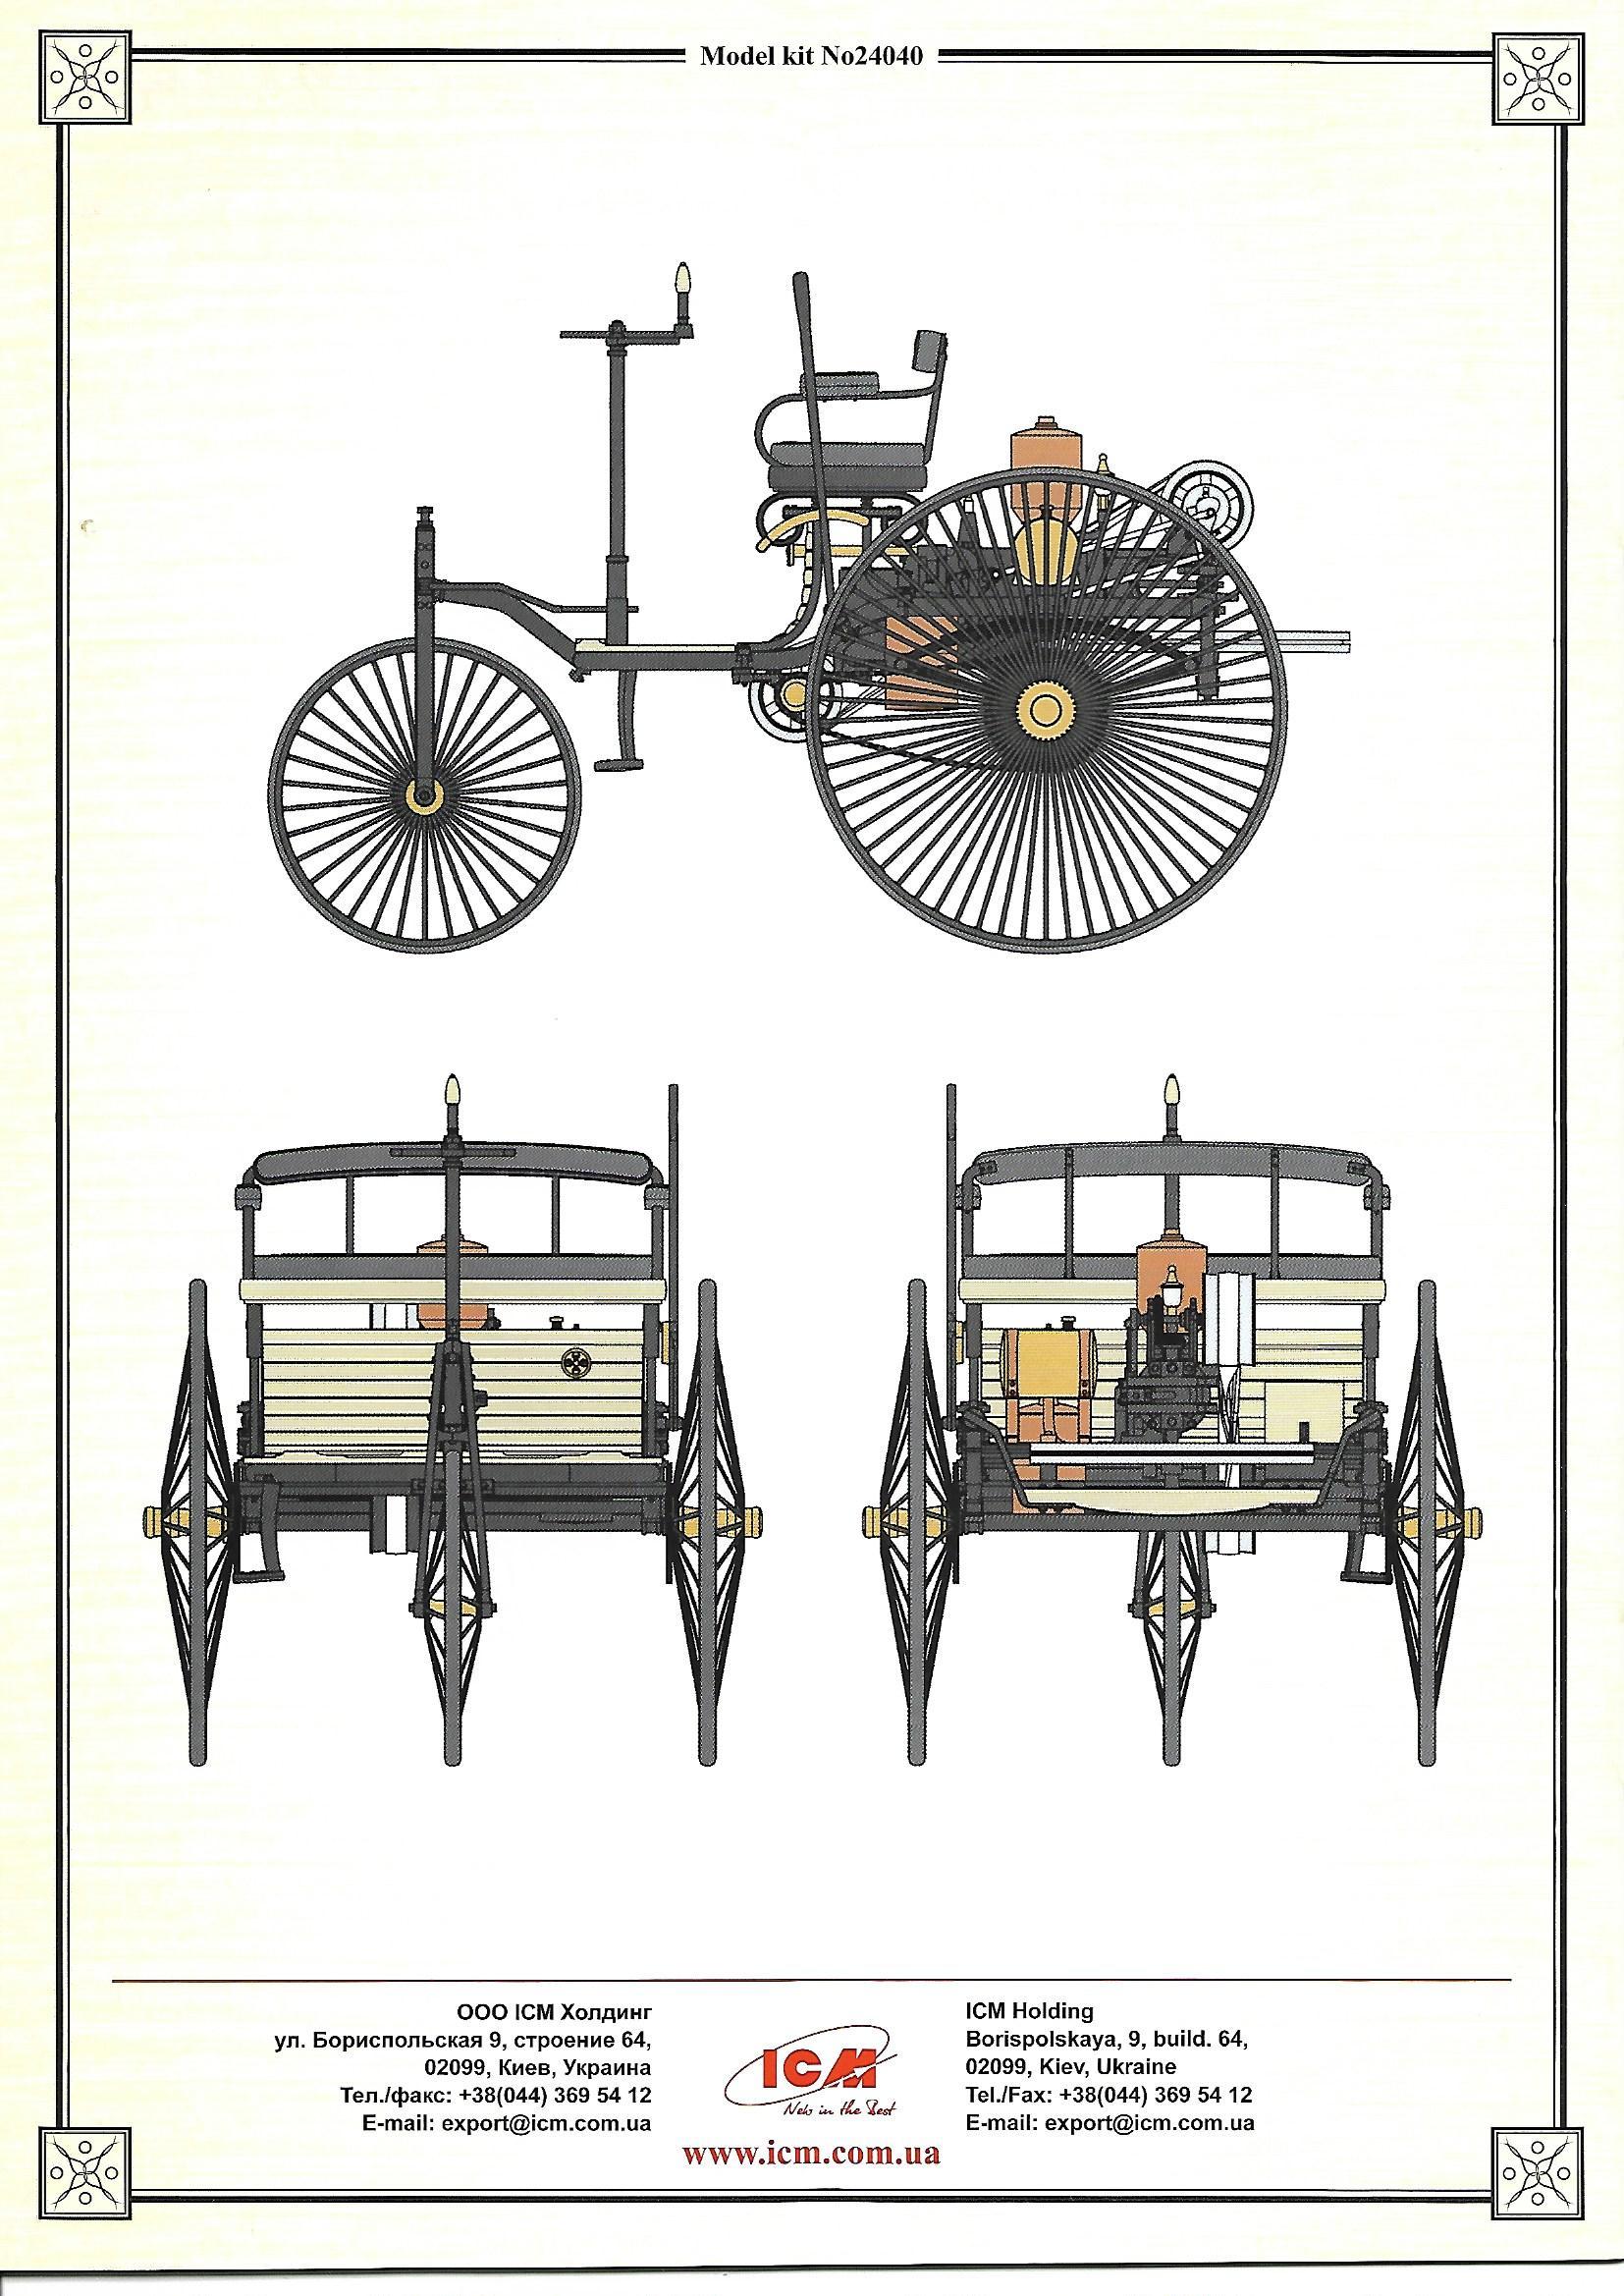 Motorbenz21 Benz Patent-Motorwagen in 1:24 von ICM #24040